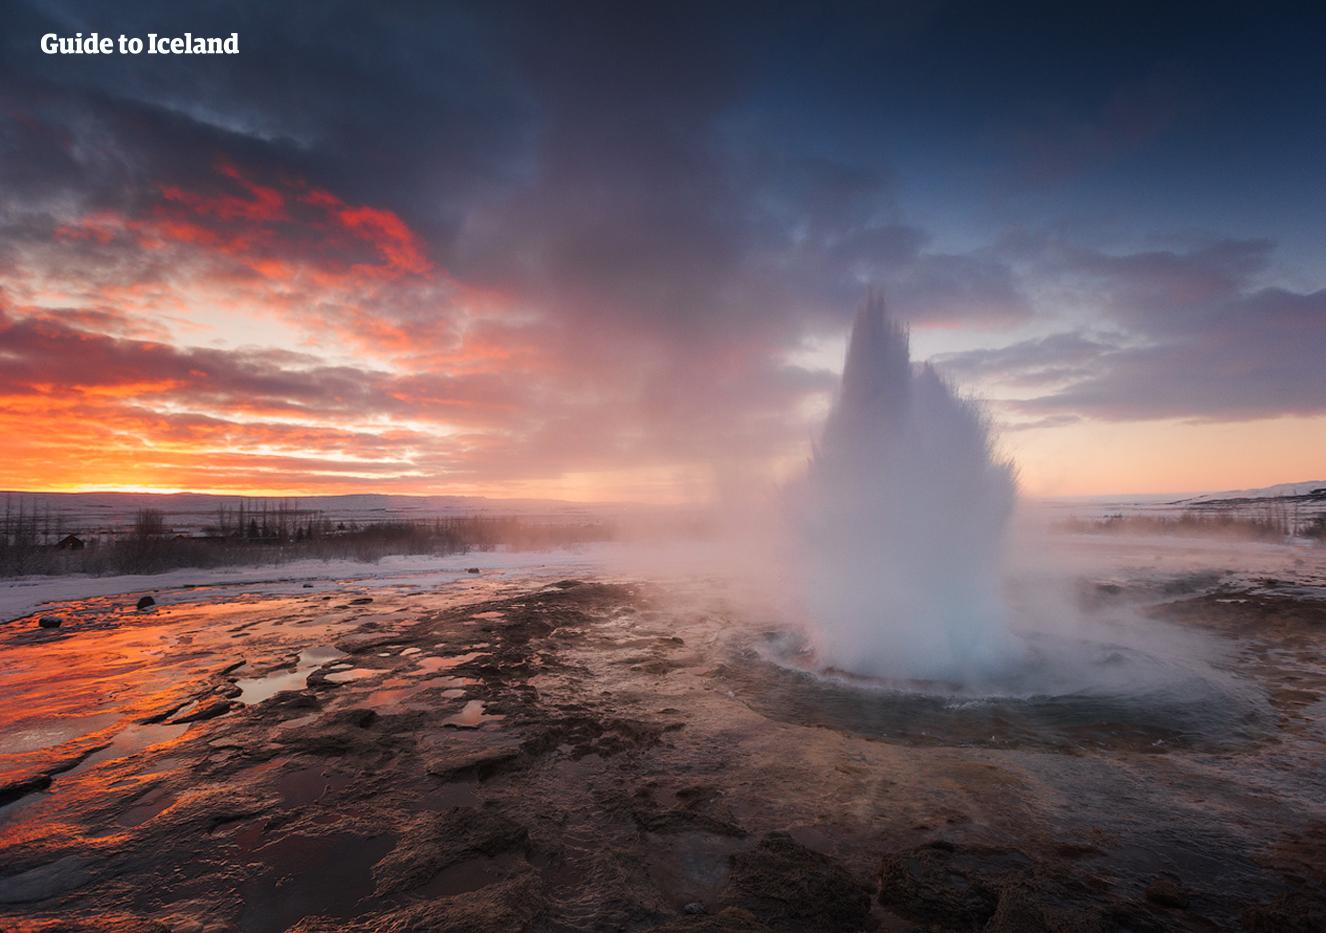 Respirez l'air froid pendant que vous regardez le geyser Strokkur entrer en éruption lors de votre circuit en hiver.